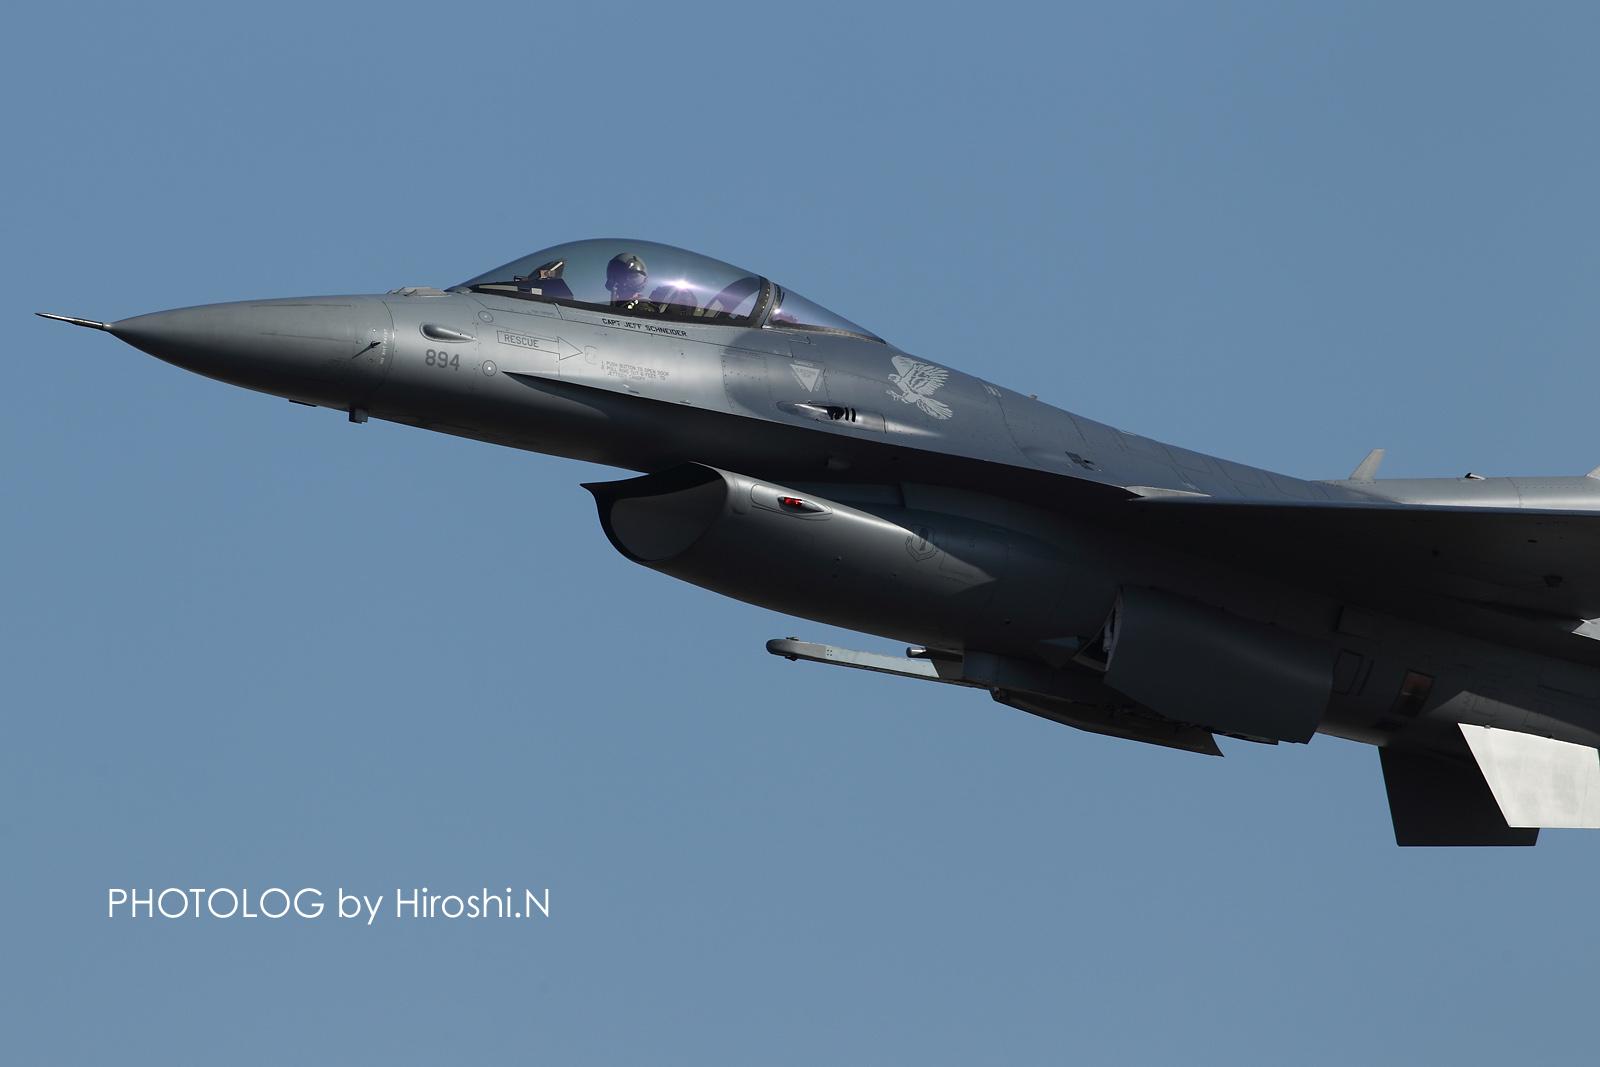 新田原基地航空祭2010 -予行 Pre Airshow-②米軍機_b0183406_082632.jpg